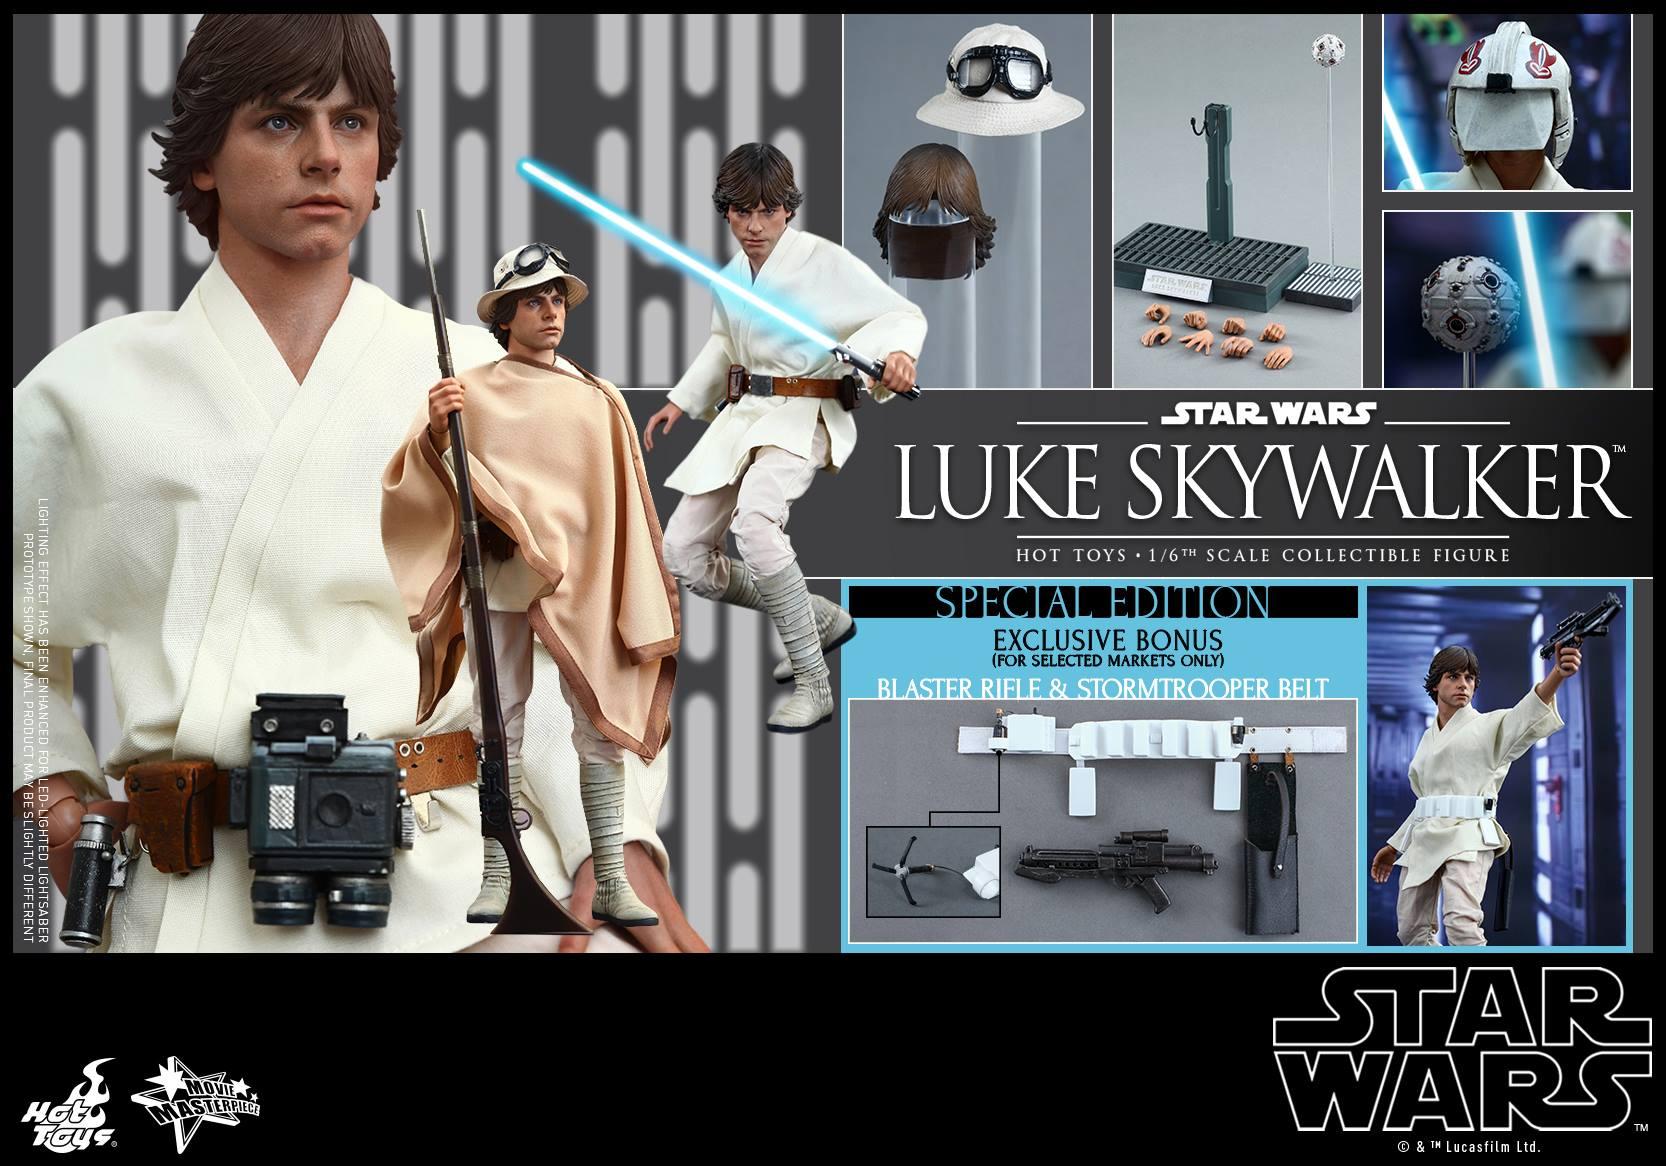 HOT TOYS - Star Wars: Episode IV A New Hope - Luke Skywalker 913543117